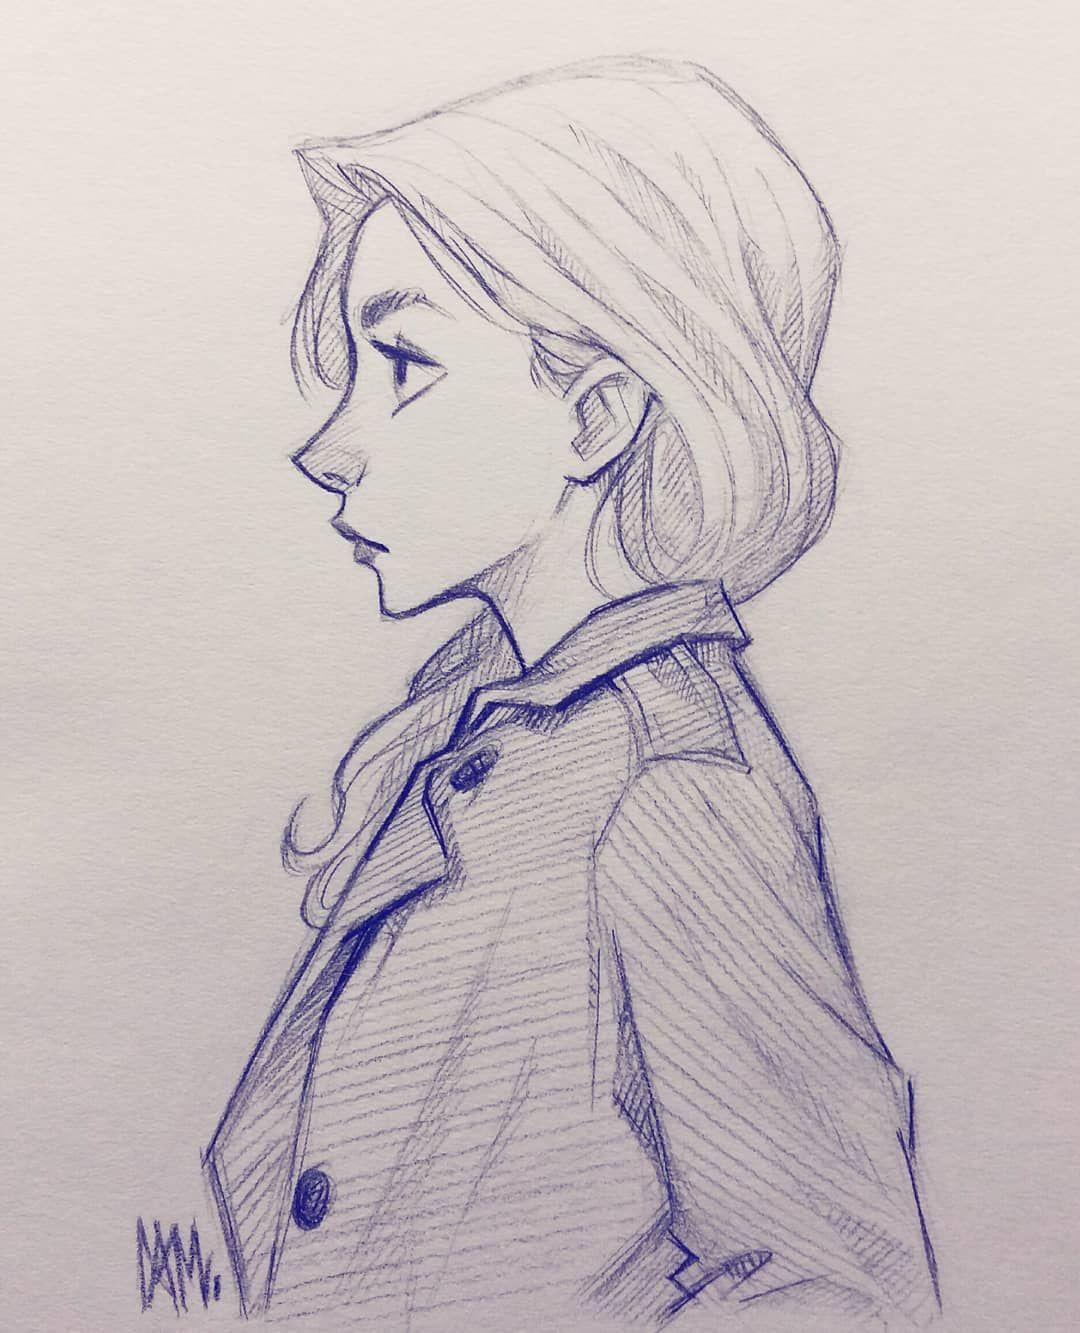 Simple Sketch Before Bed Sketch Doodle Art Illustration